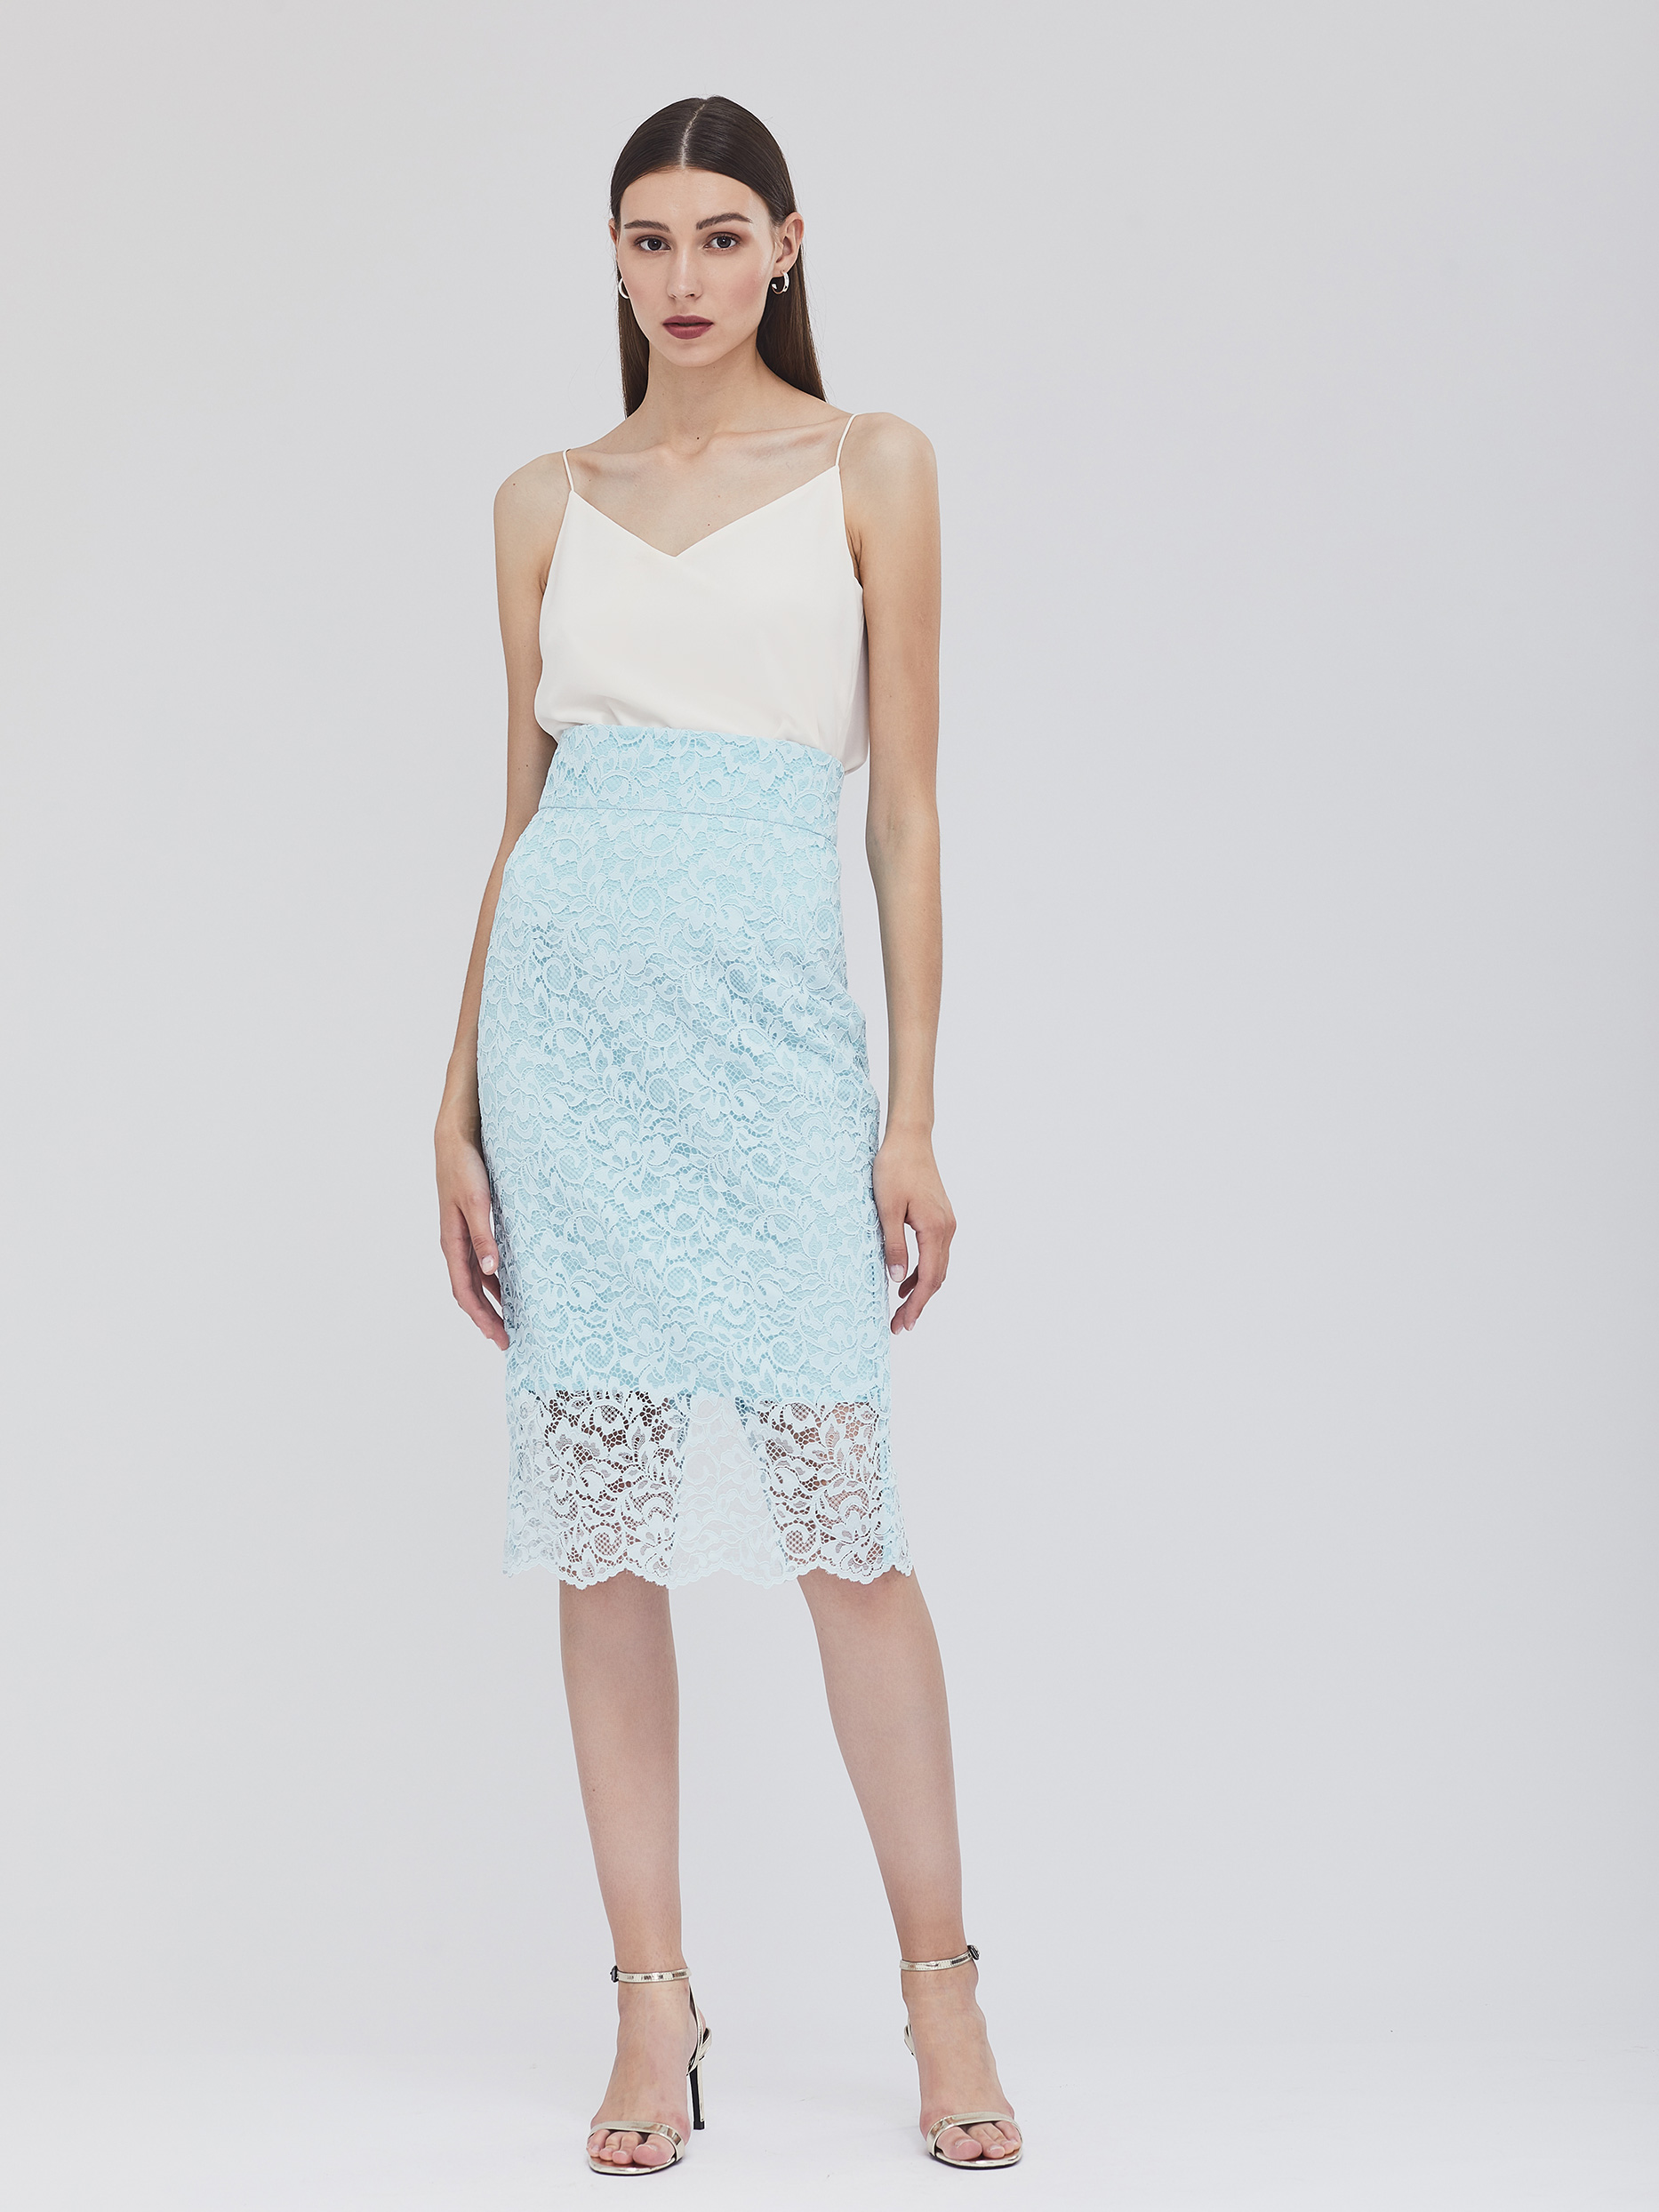 Кружевная юбка с разрезом сзади фото